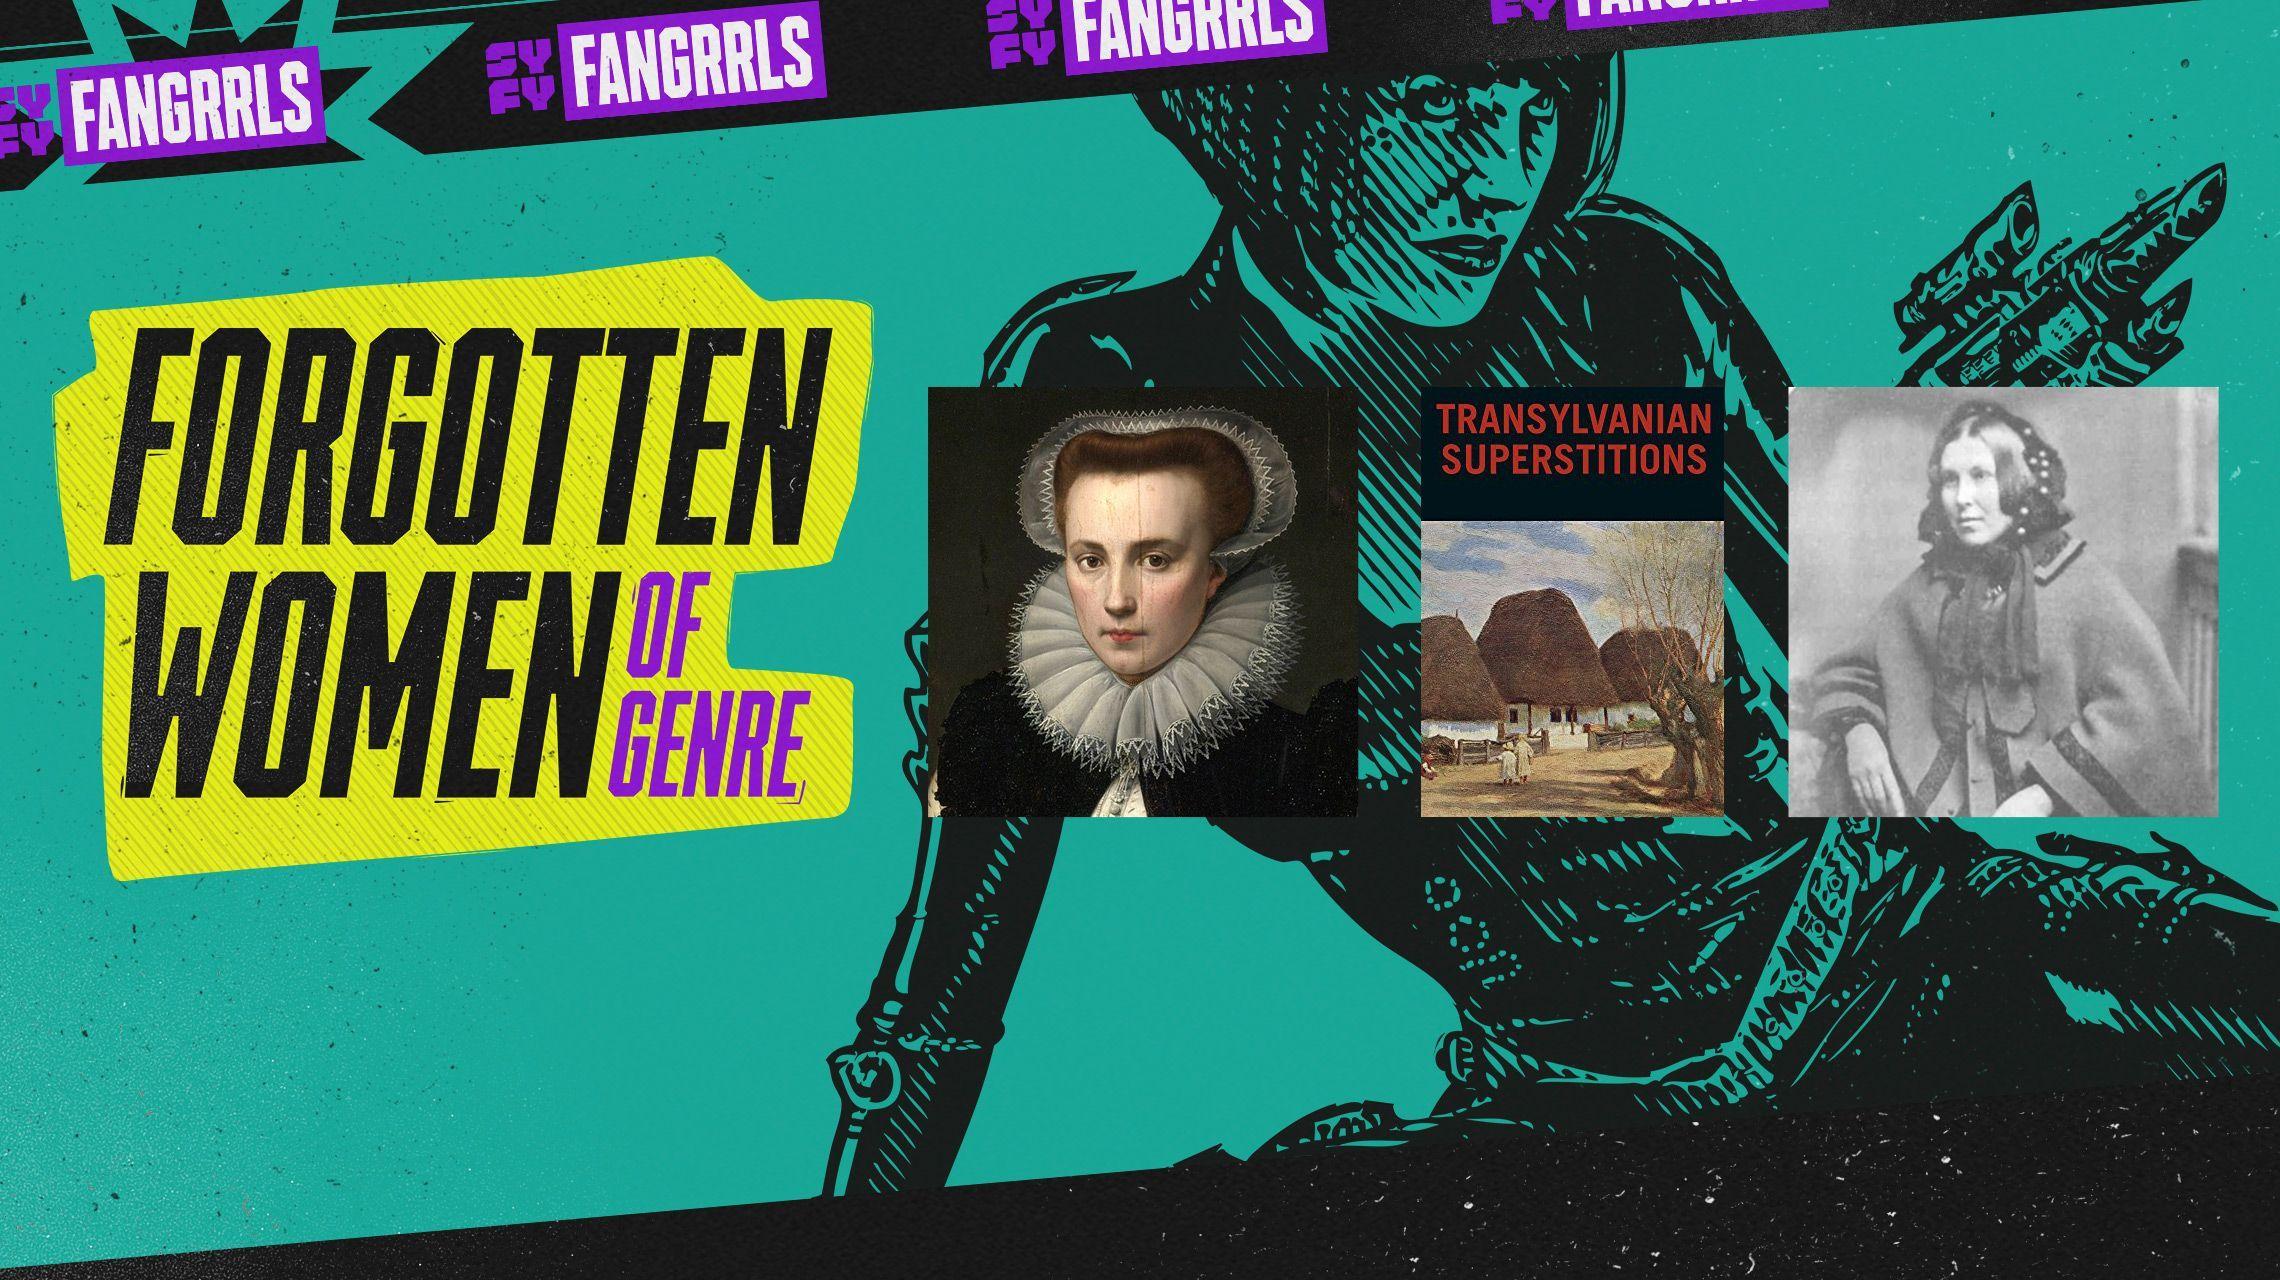 Forgotten Women of Genre: the Women of Bram Stoker's Dracula